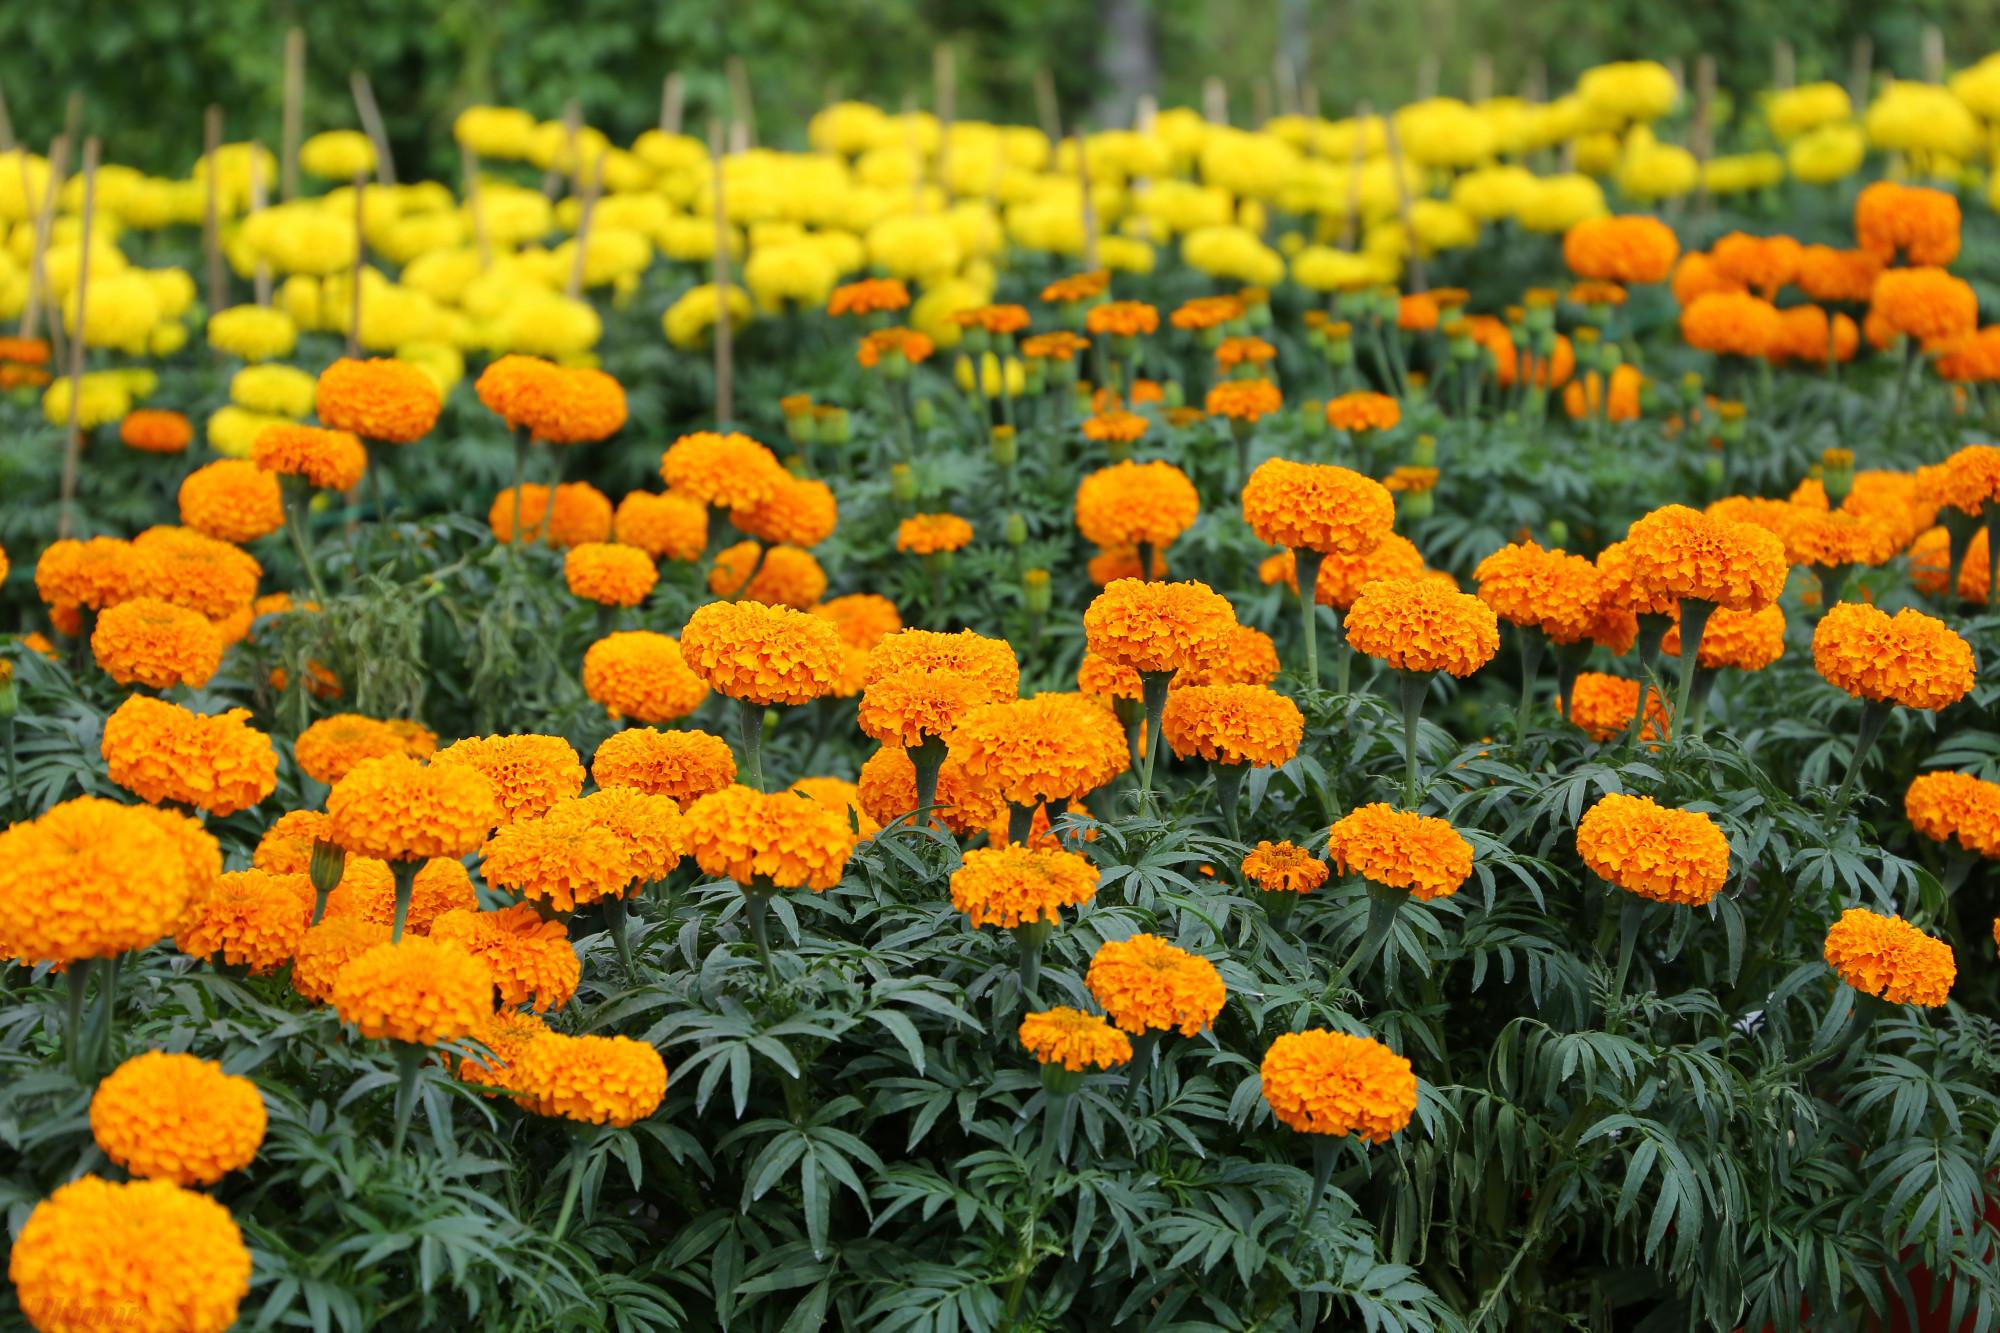 Hoa vạn thọ cũng được ưa chuộng trong ngày Tết. Mỗi hộ đều trồng hàng nghìn chậu vì hoa dễ chăm sóc. Giá hoa được thương lái mua tại vườn là 40.000 đồng/că. Người nông dân có thể lãi khoảng 10.000-15.000 đồng/cặp.